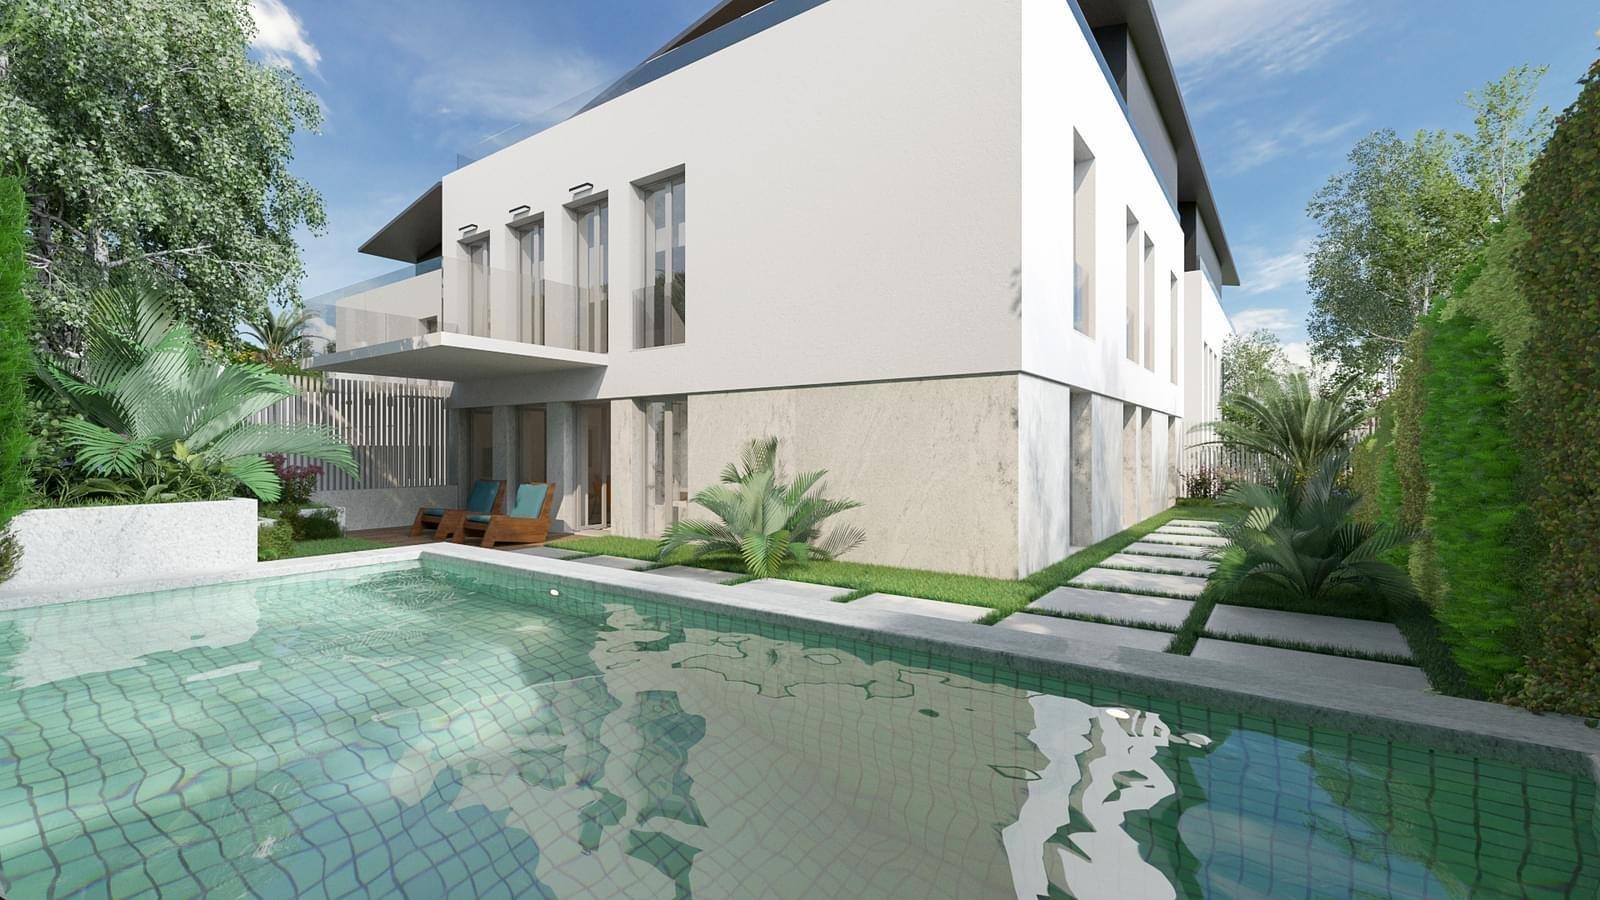 4 Bedroom Apartment Estoril, Lisbon Ref: ASA155B